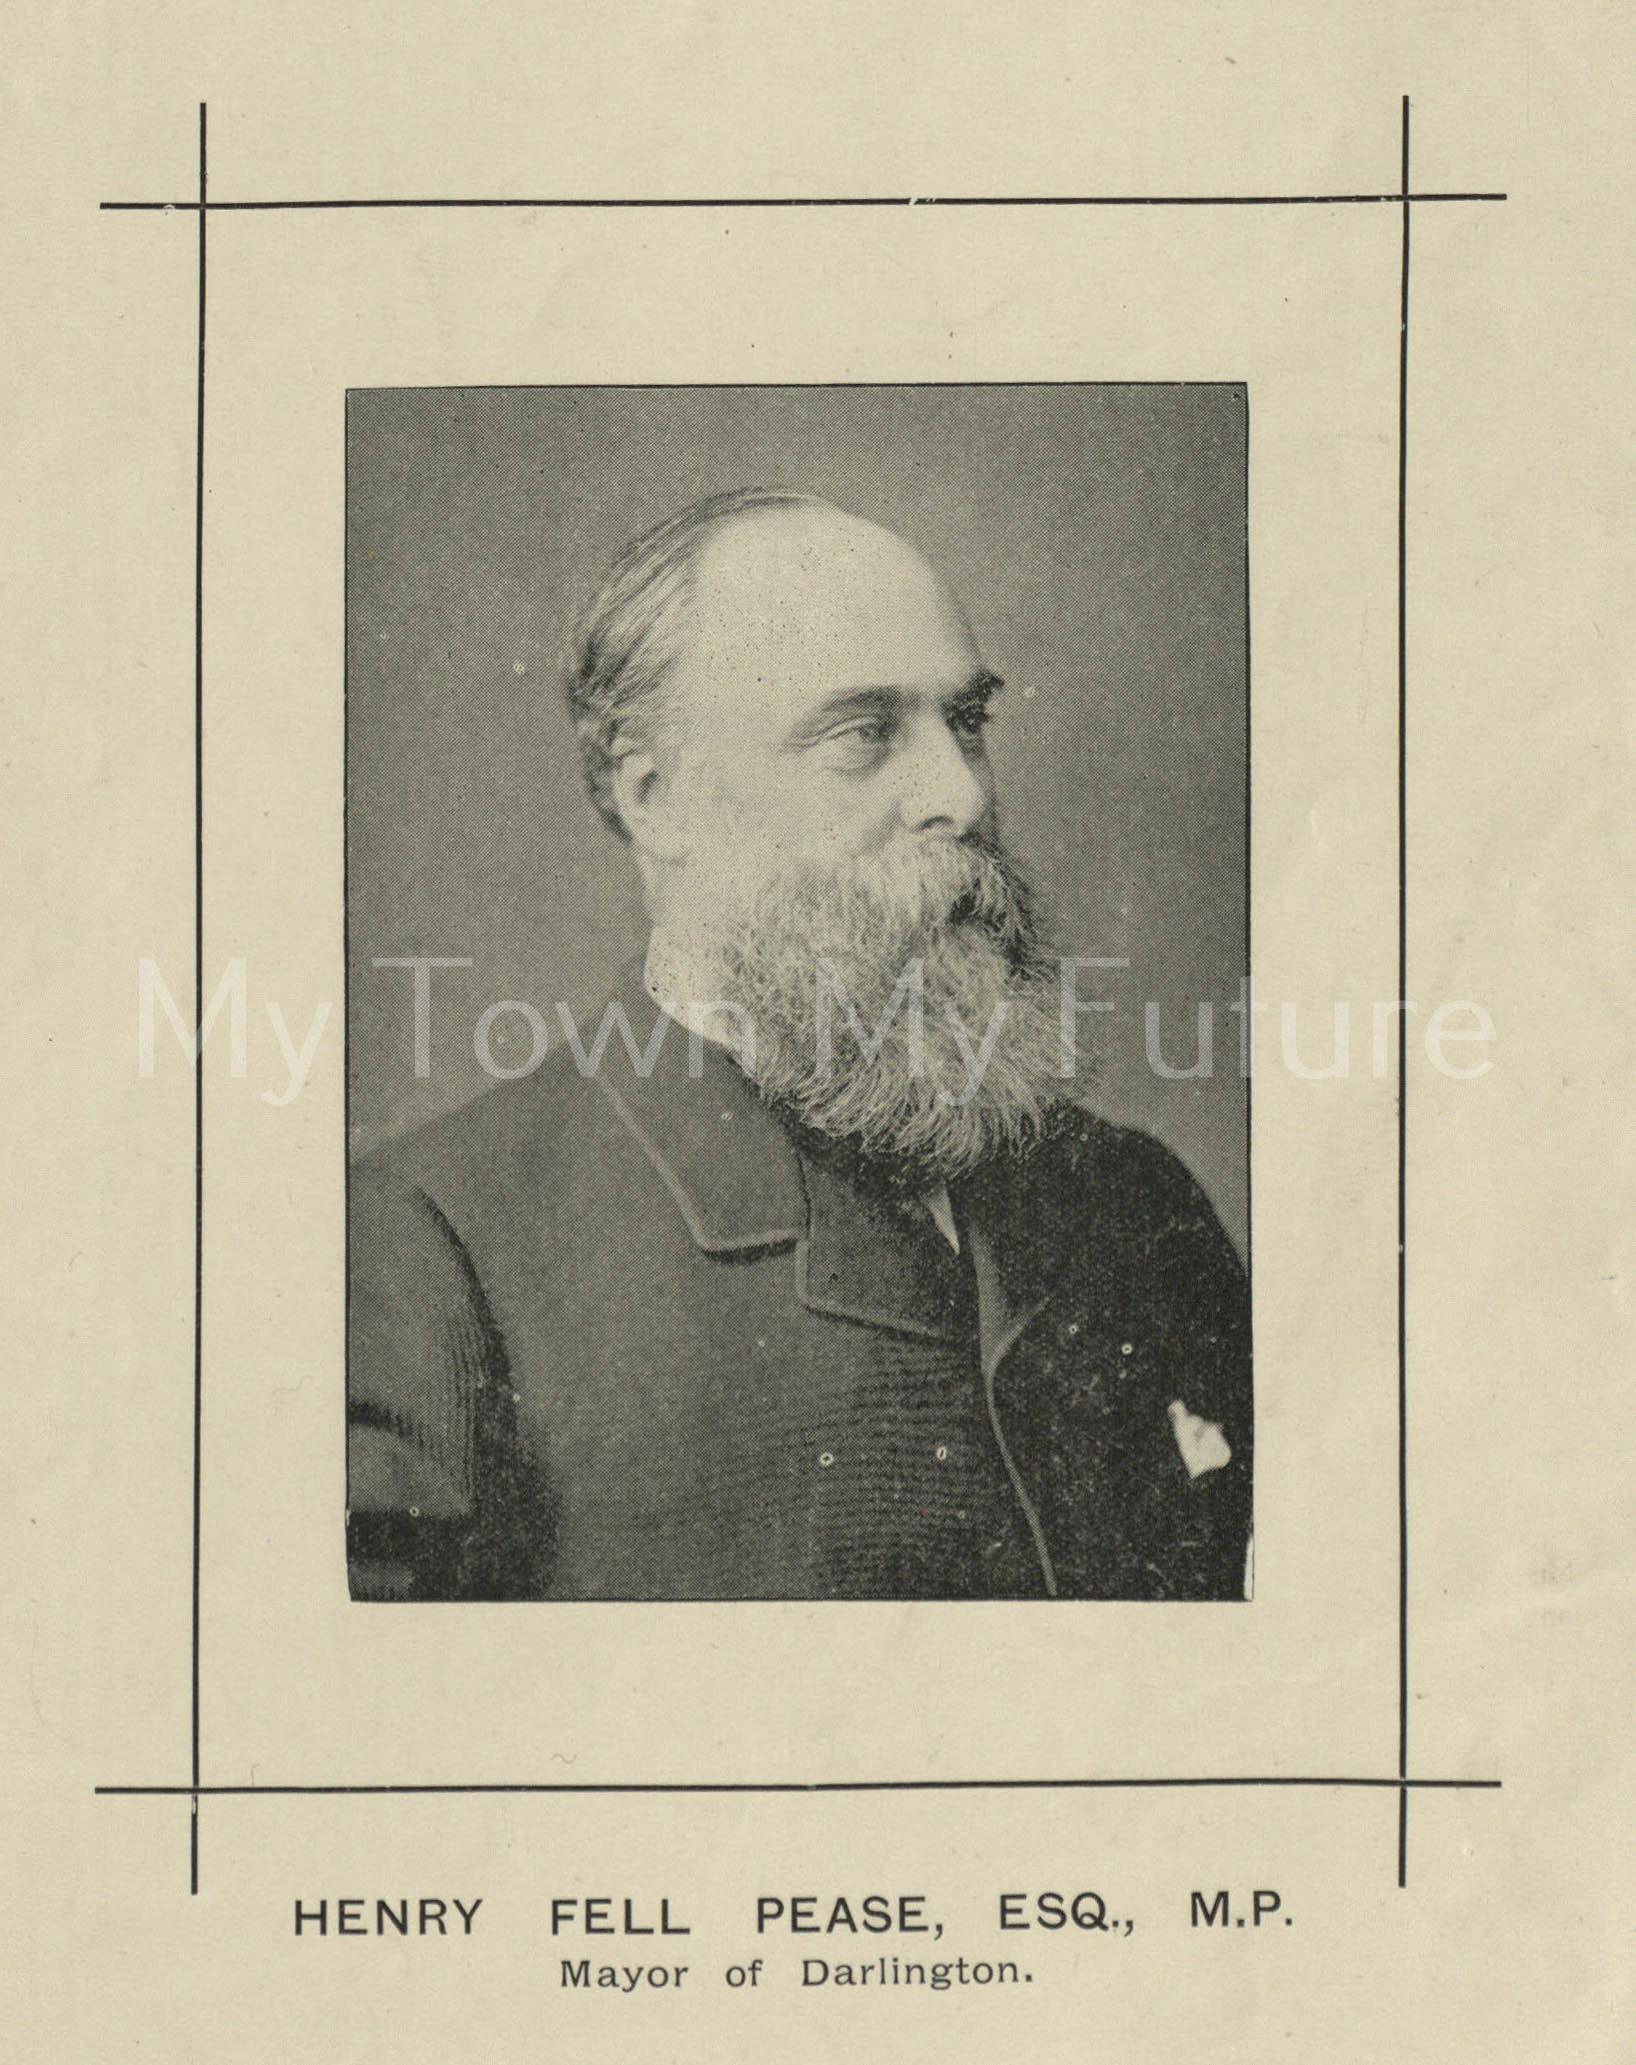 Henry Fell Pease